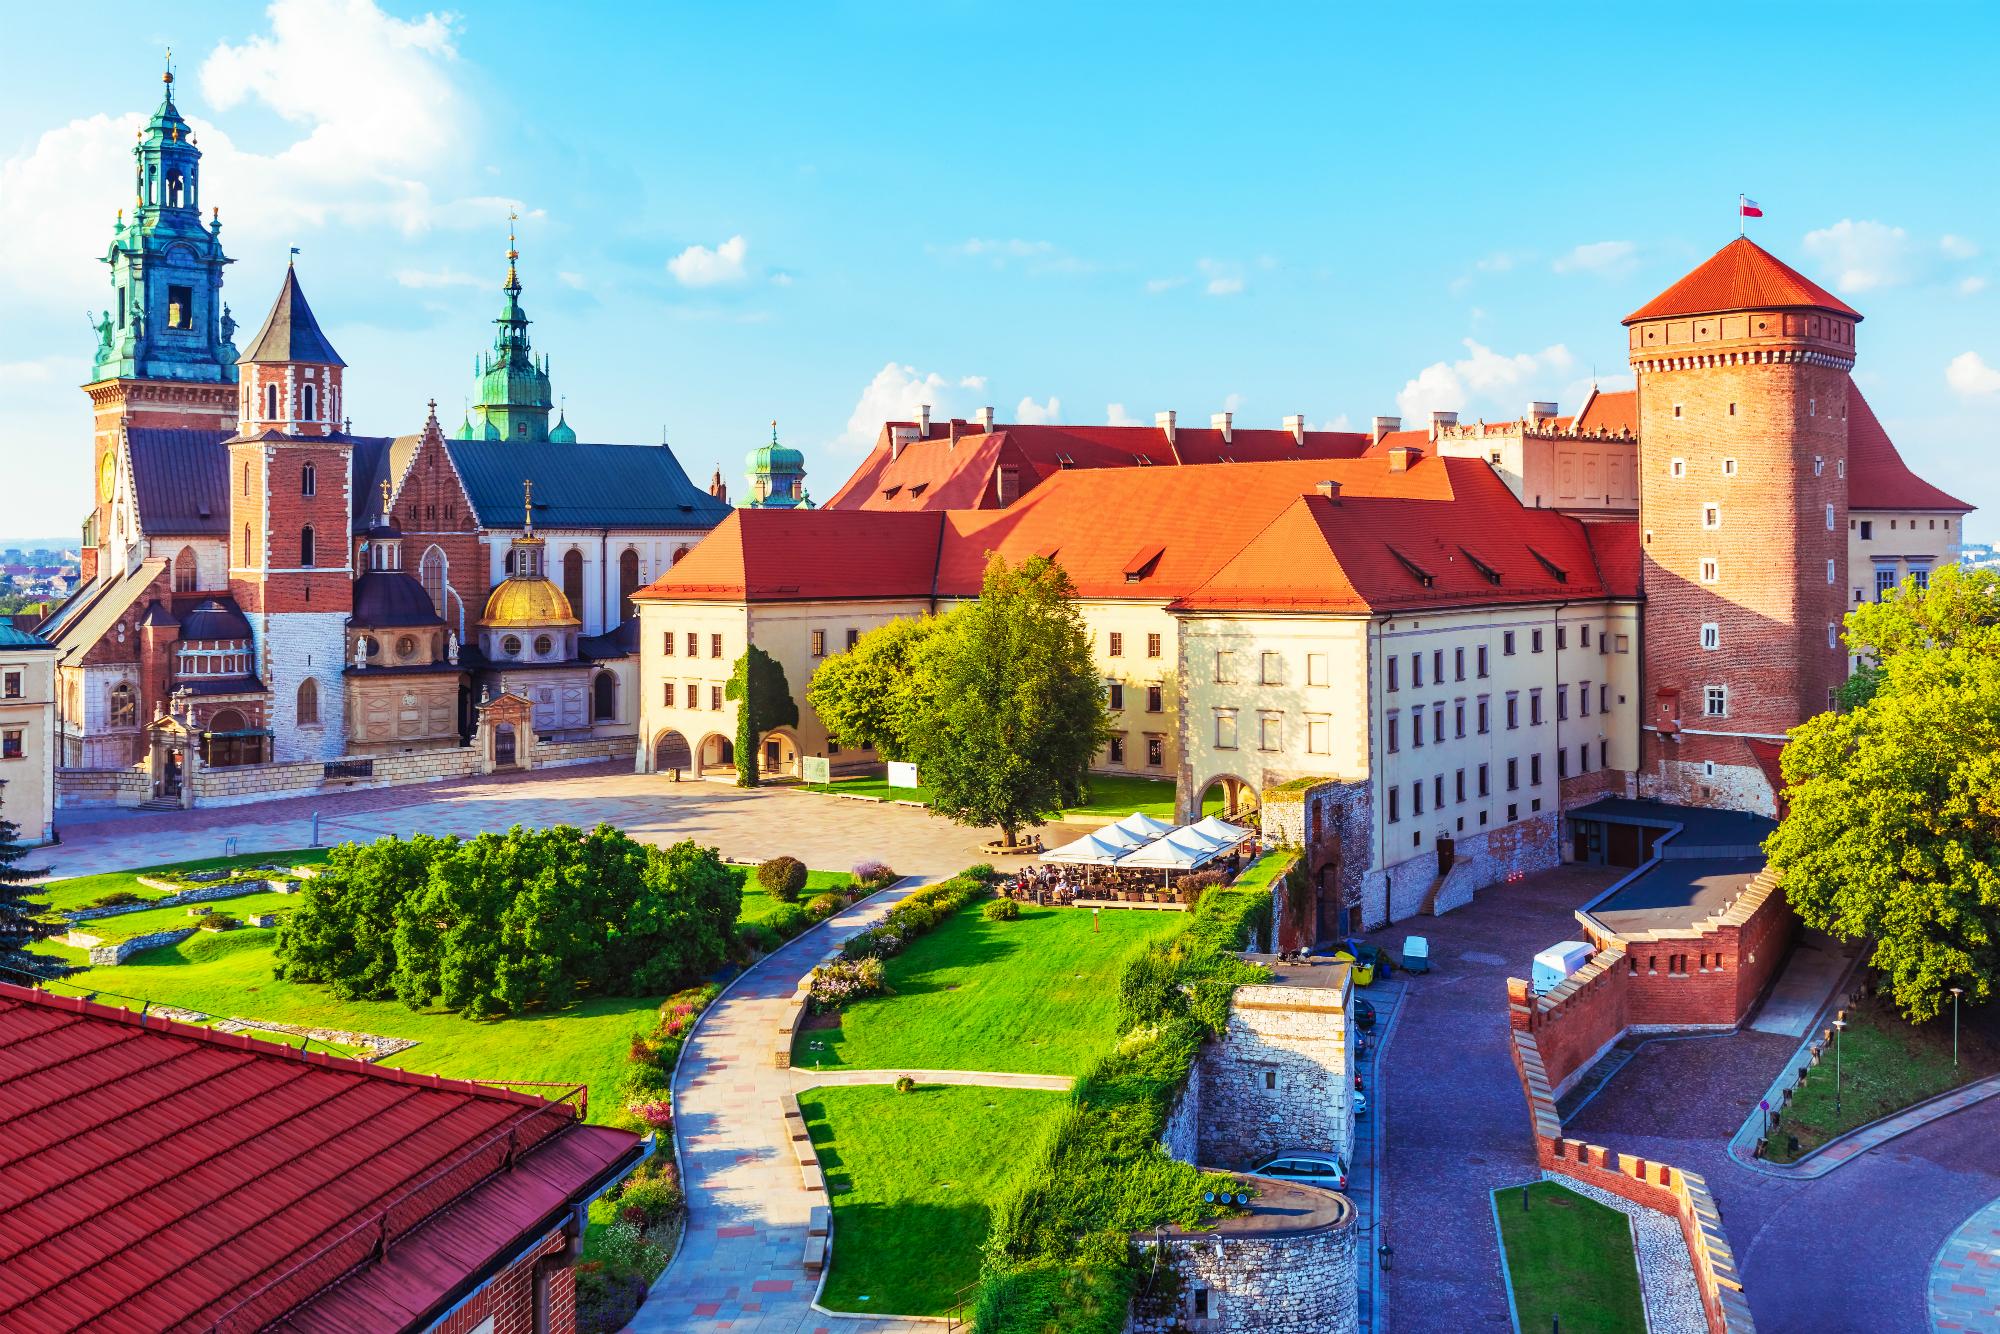 KRAKDENT 2019 – 27th International Dental Trade Fair in Krakow